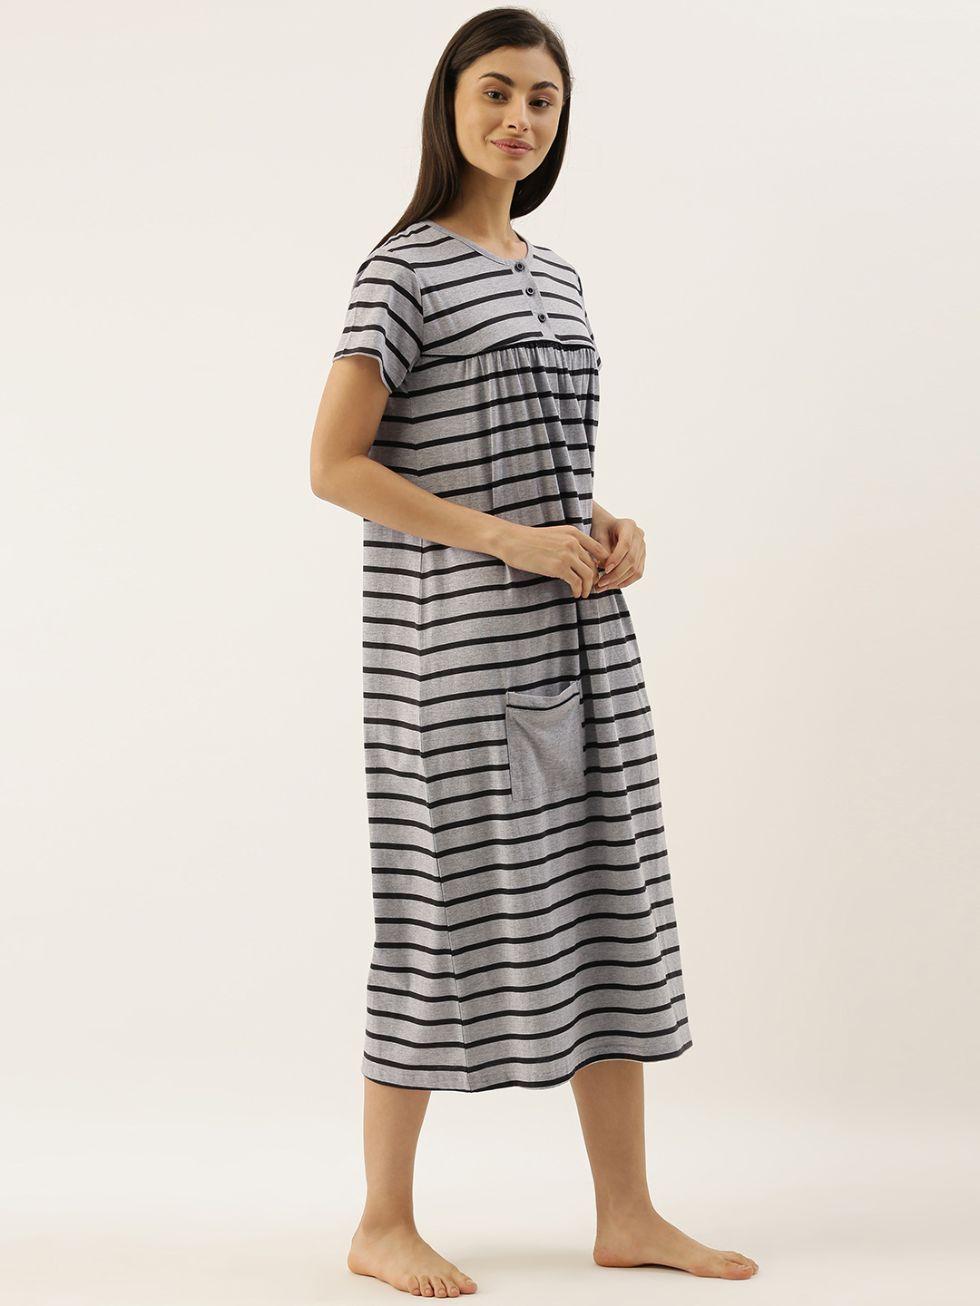 Slumber Jill Grey Stripes Night Dress